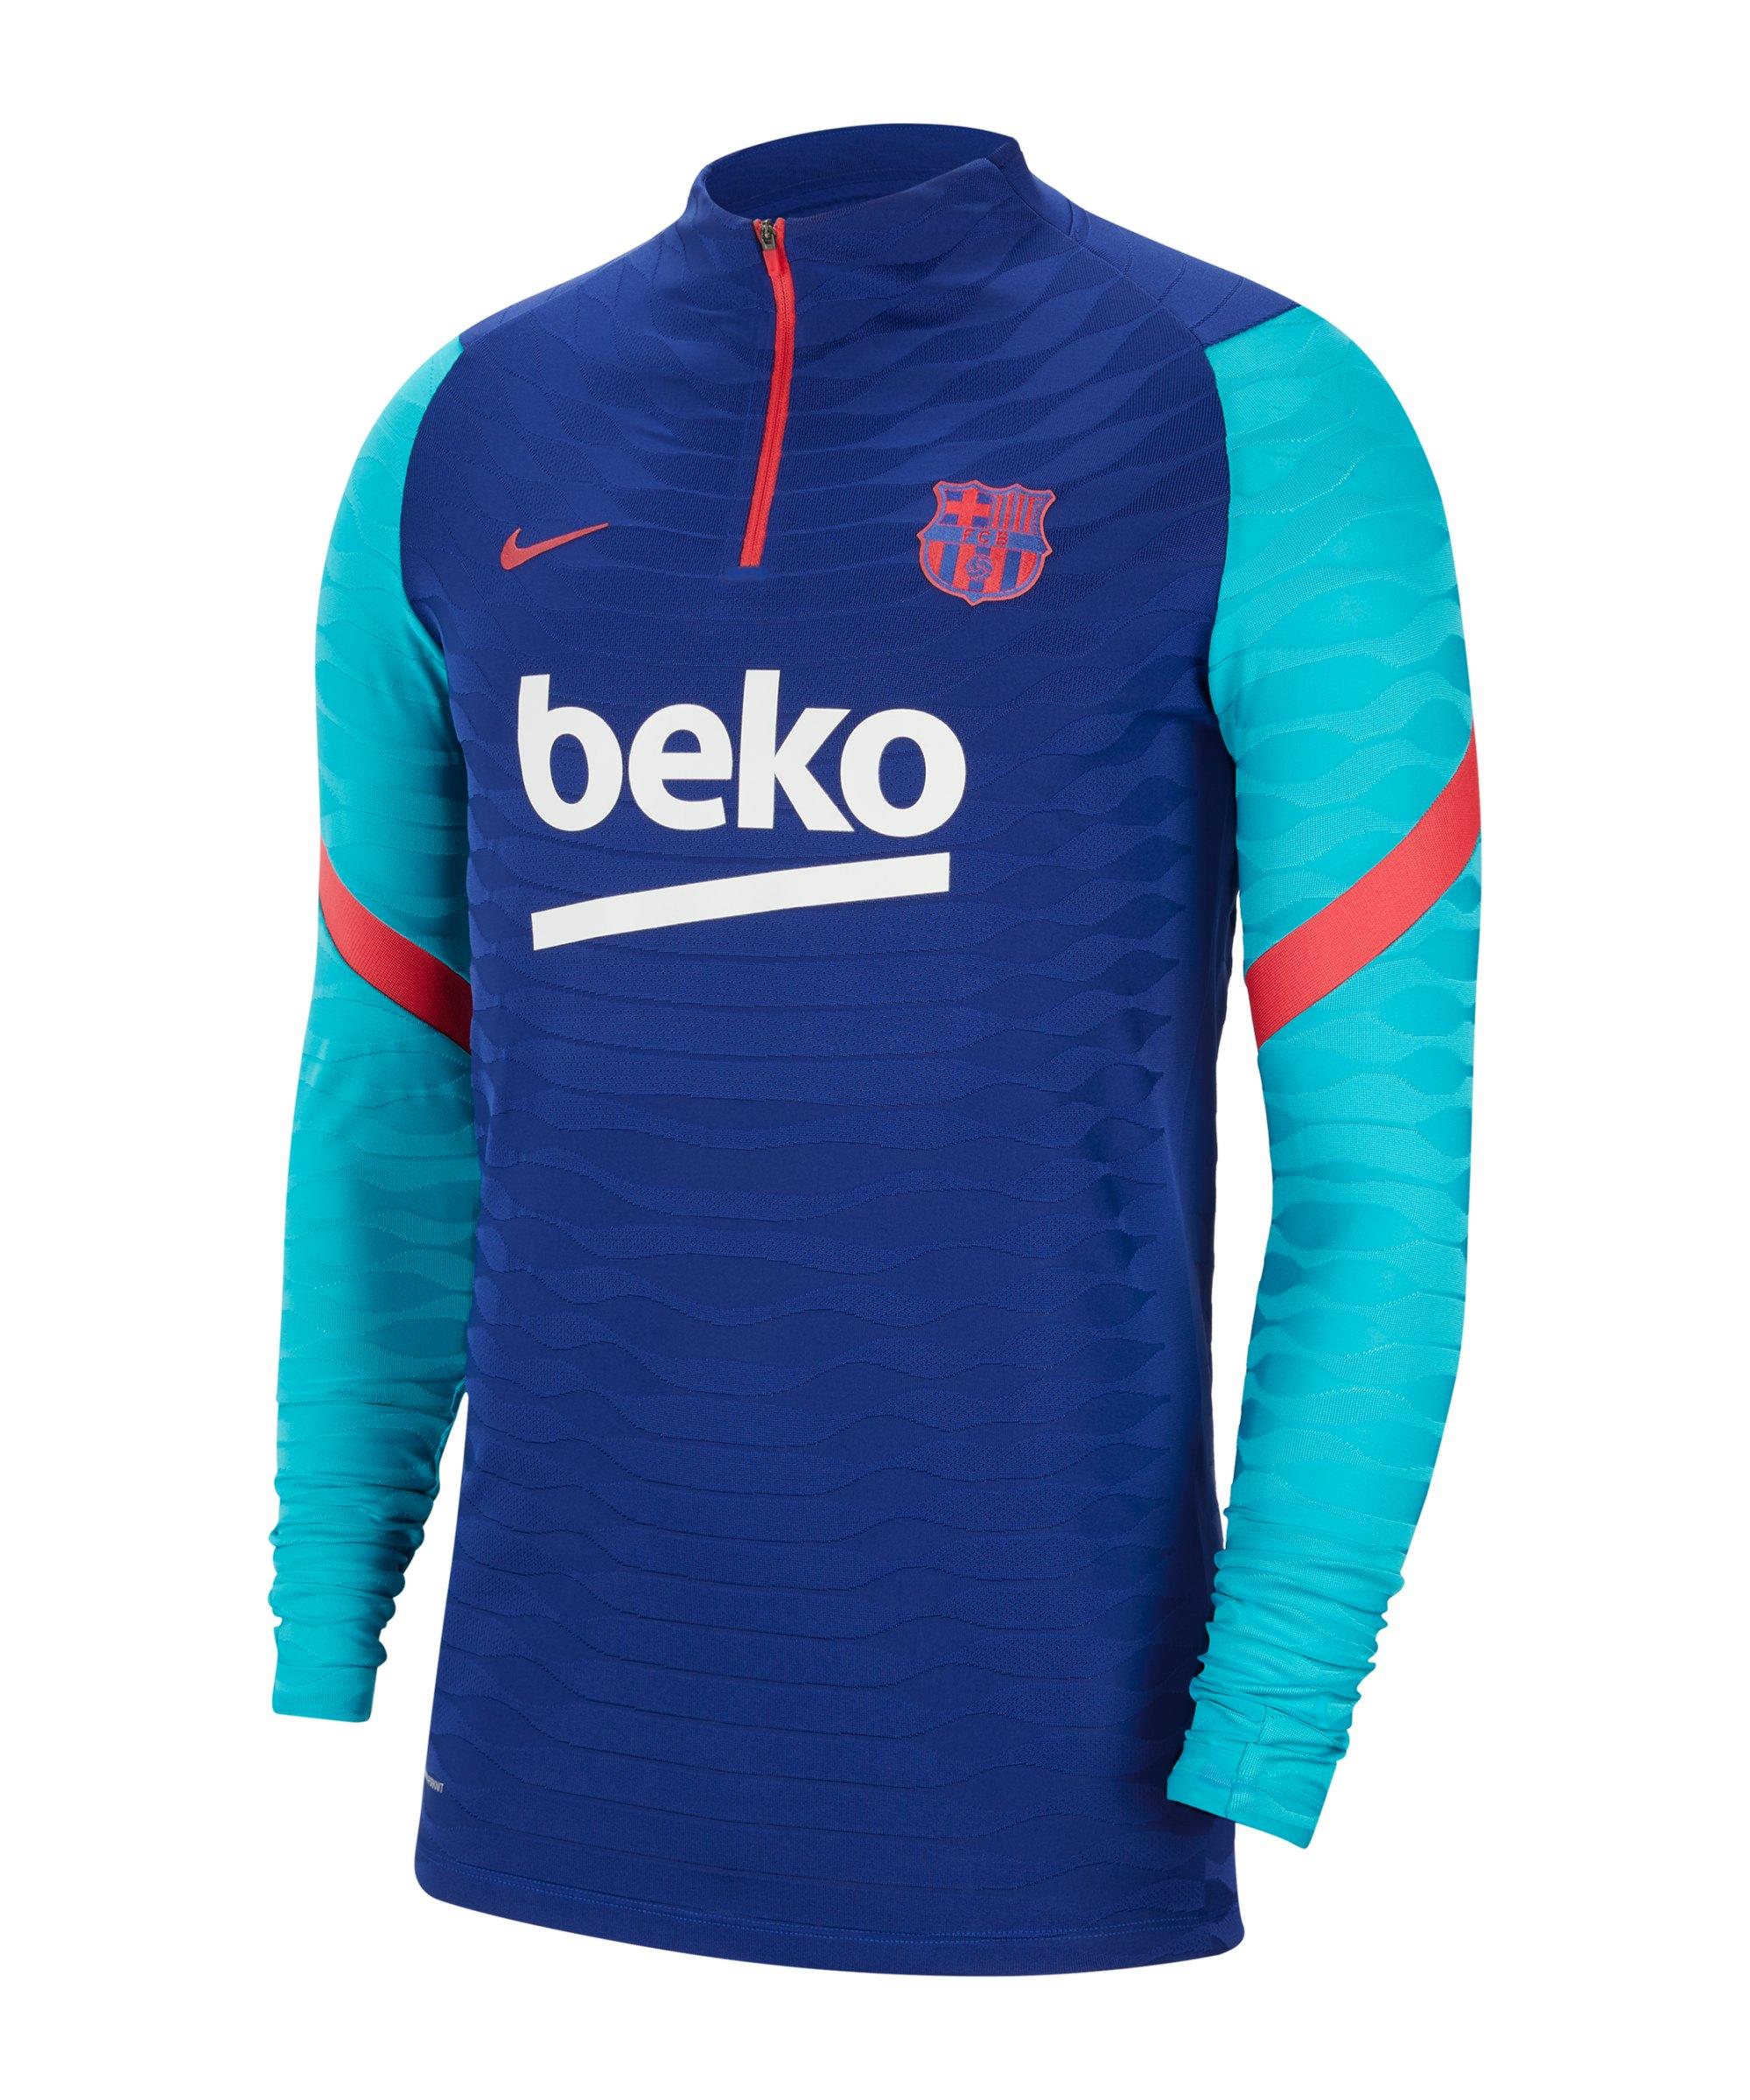 Nike FC Barcelona Vaporknit Drill Top Blau F456 - blau